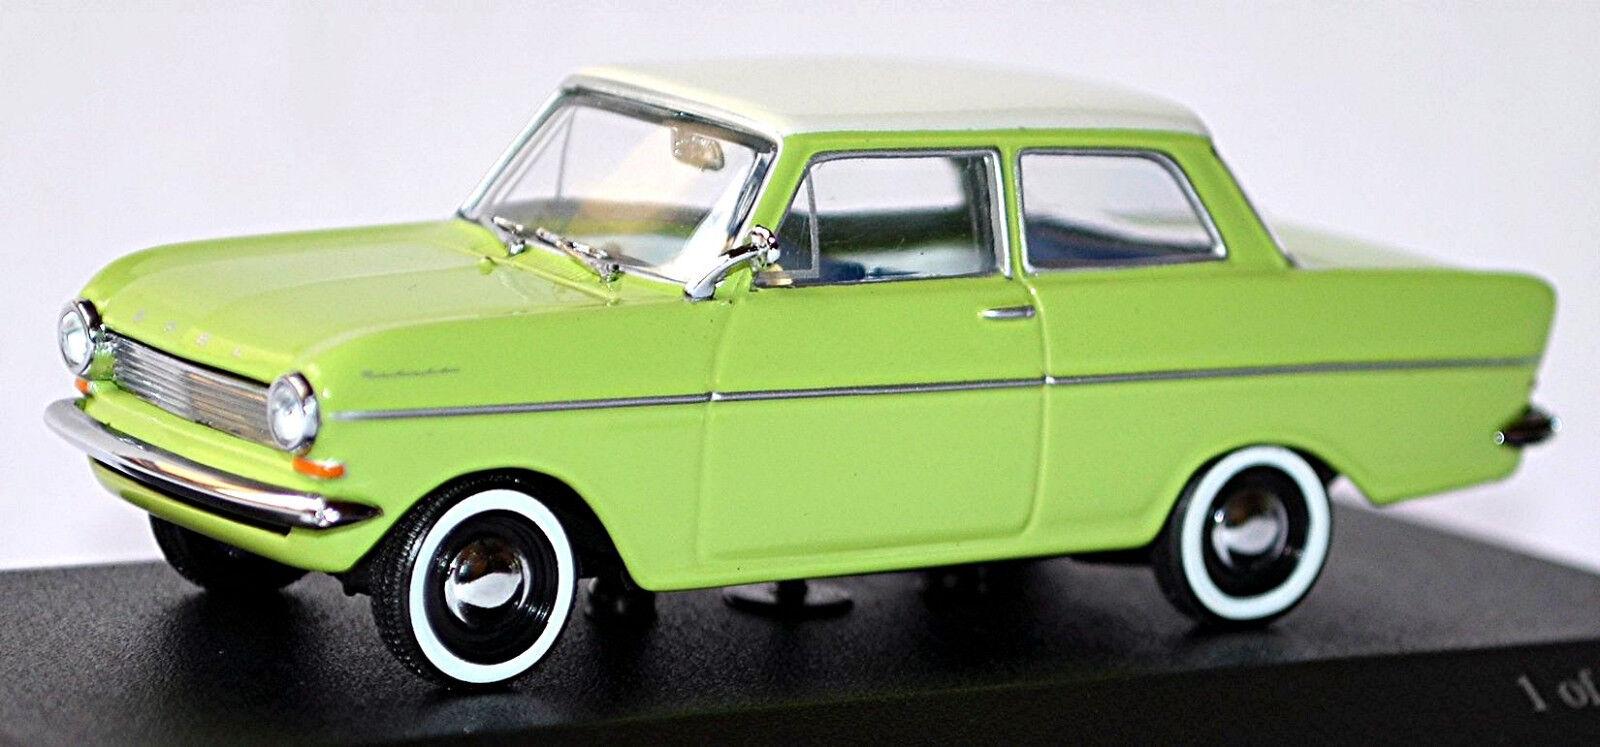 Opel Kadett A Limousine 1962-65 Vert + Blanc Vert + Blanc 1 43 Minichamps